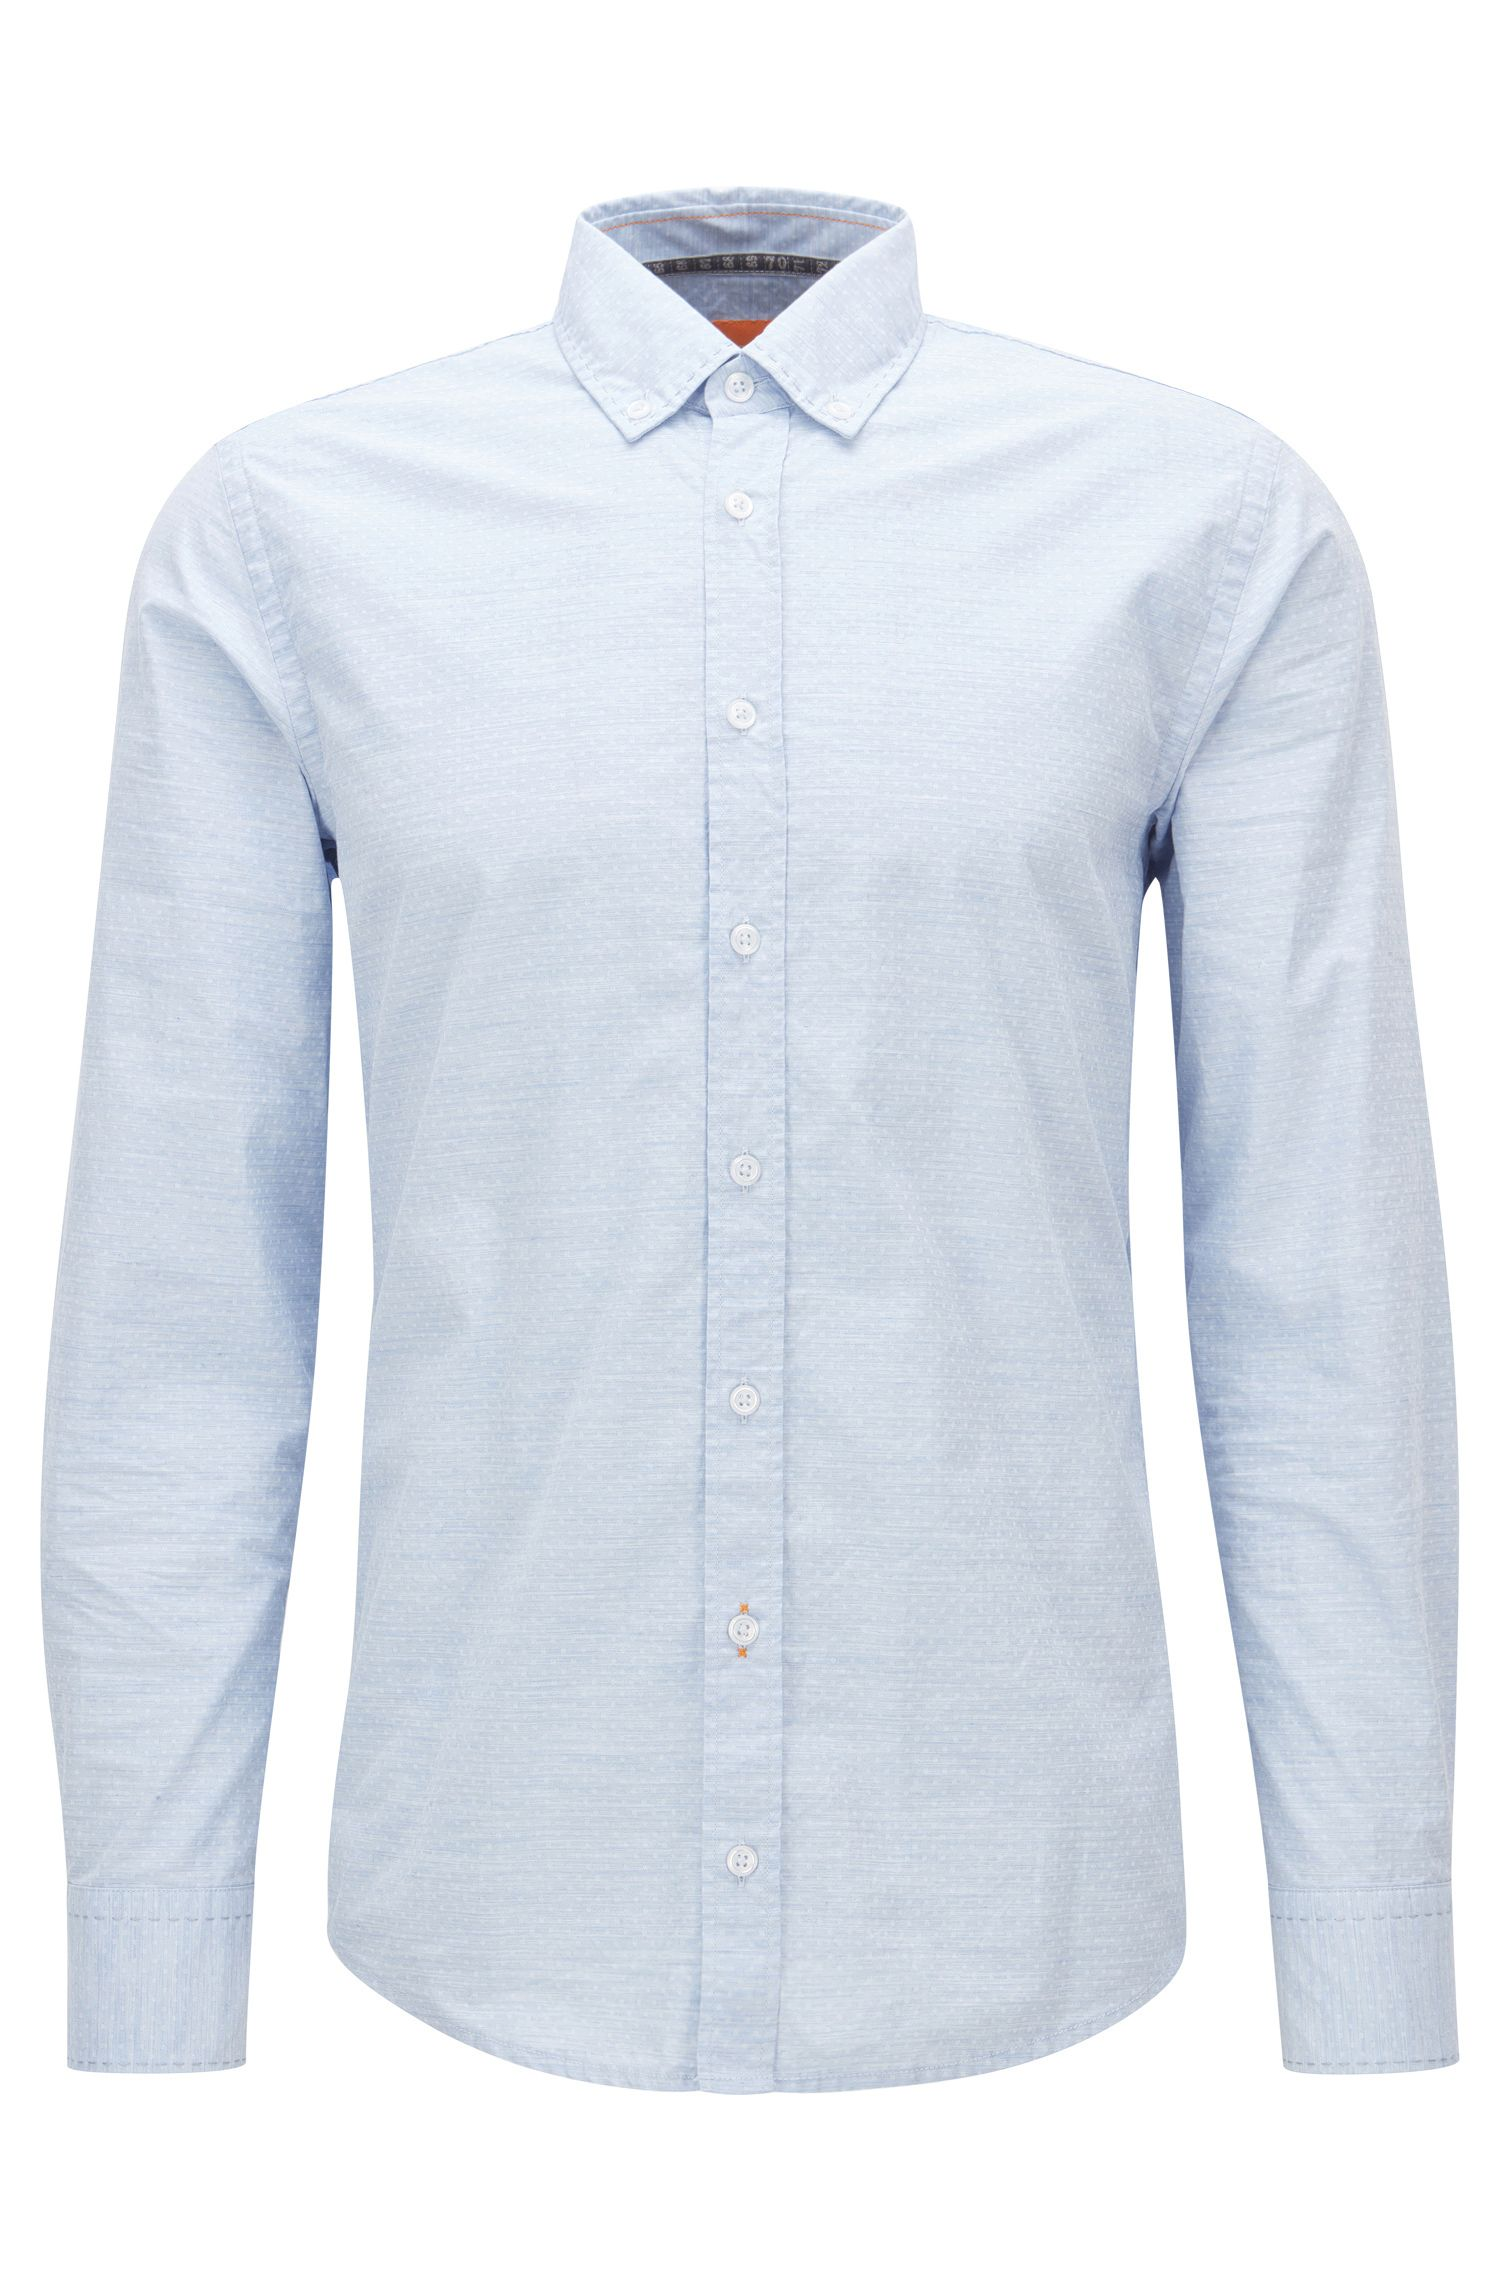 Polka Dot Cotton Button Down Shirt, Slim Fit   Epreppy